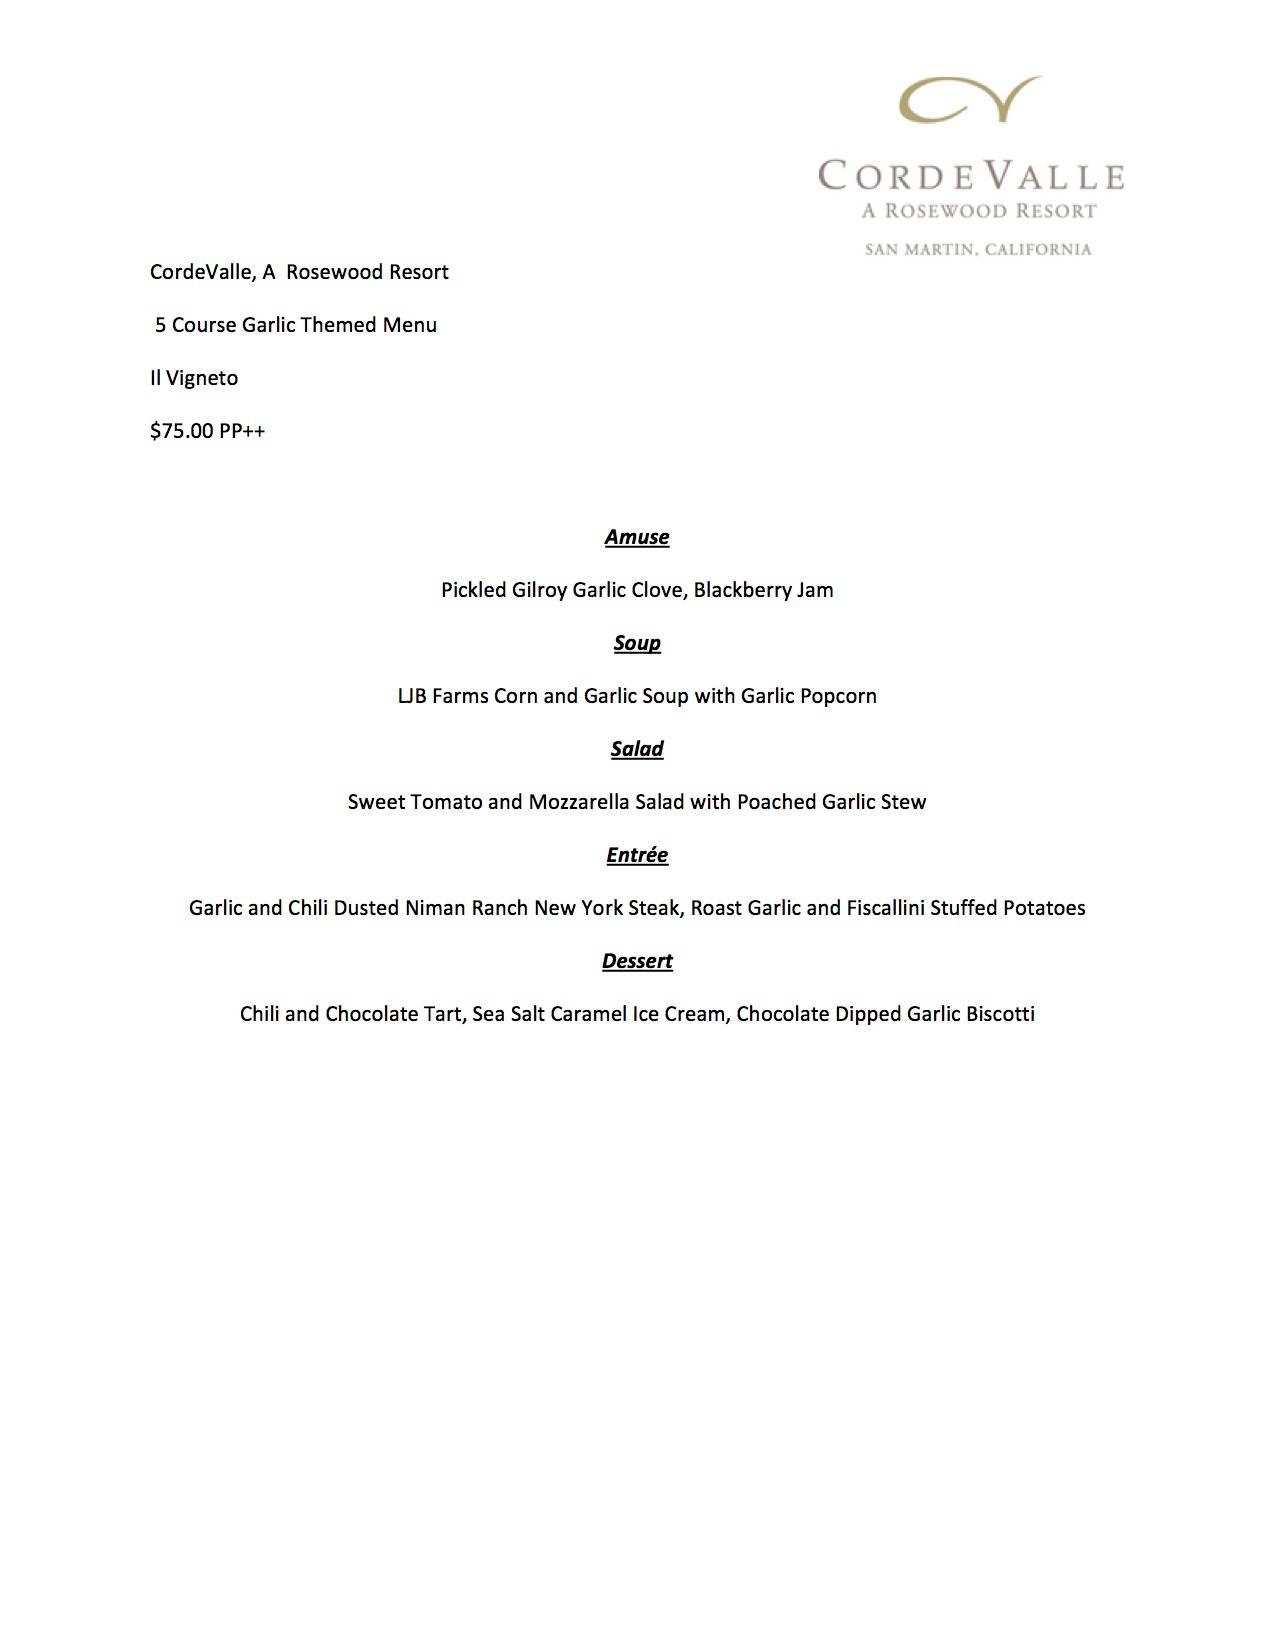 CordeValle Garlic Menu 2013